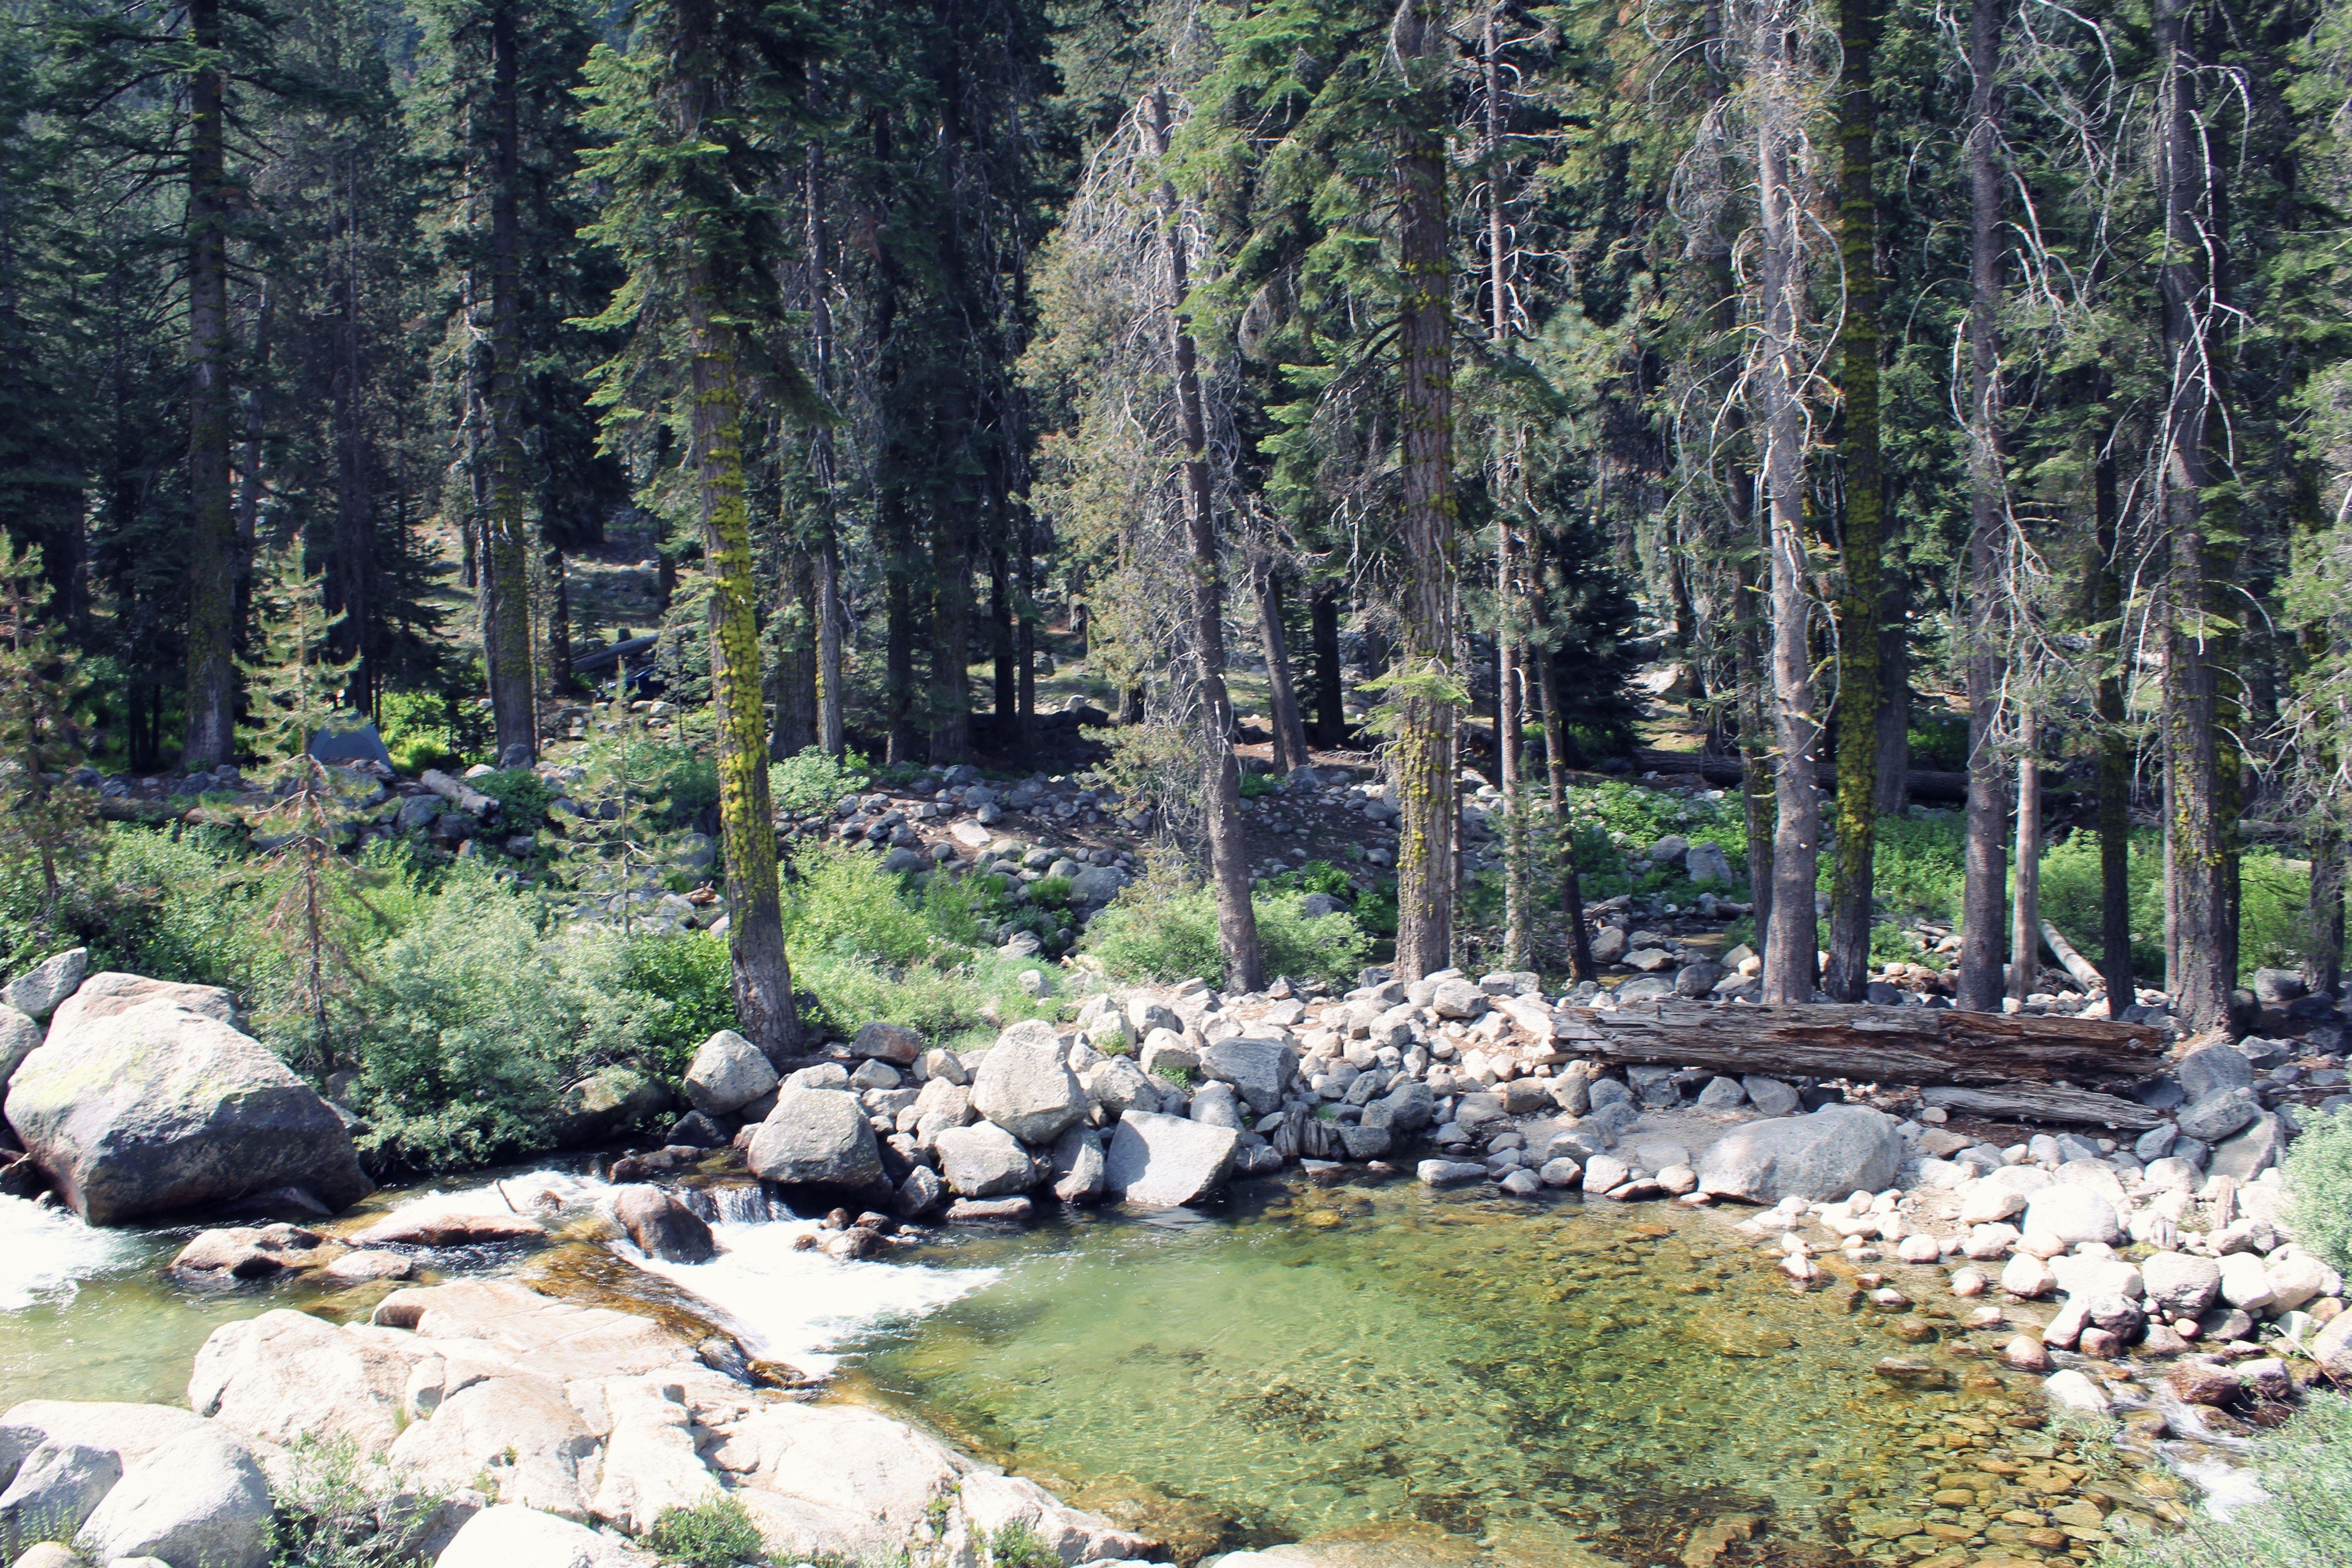 Clear mountain streams in California | chescaislost